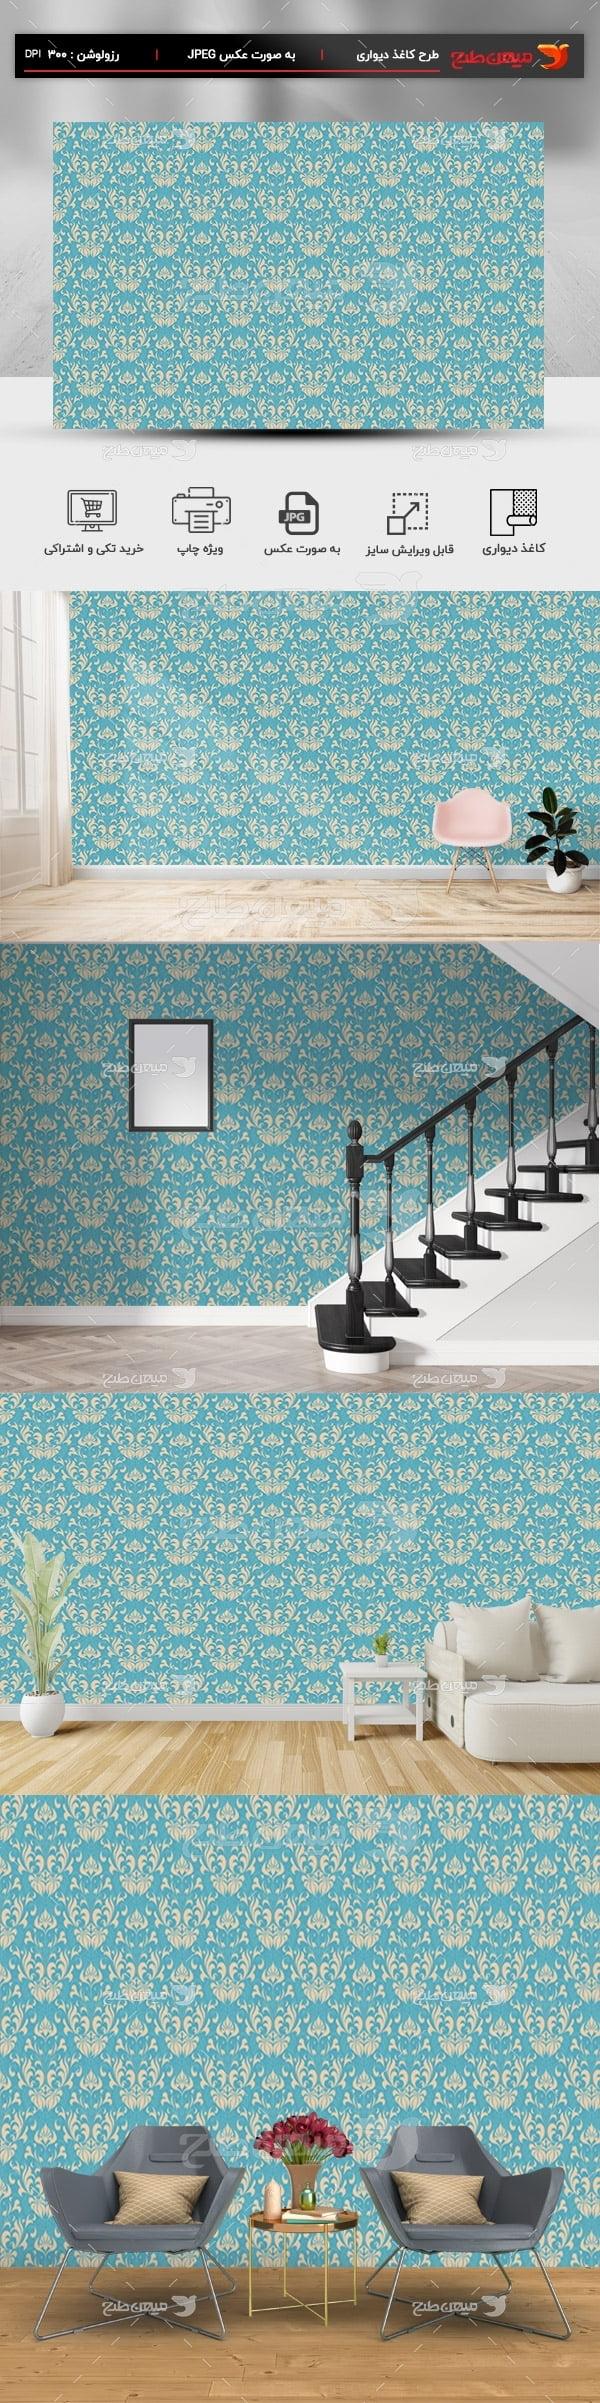 پوستر کاغذ دیواری ساده مدل بک گراند طرح سبز آبی